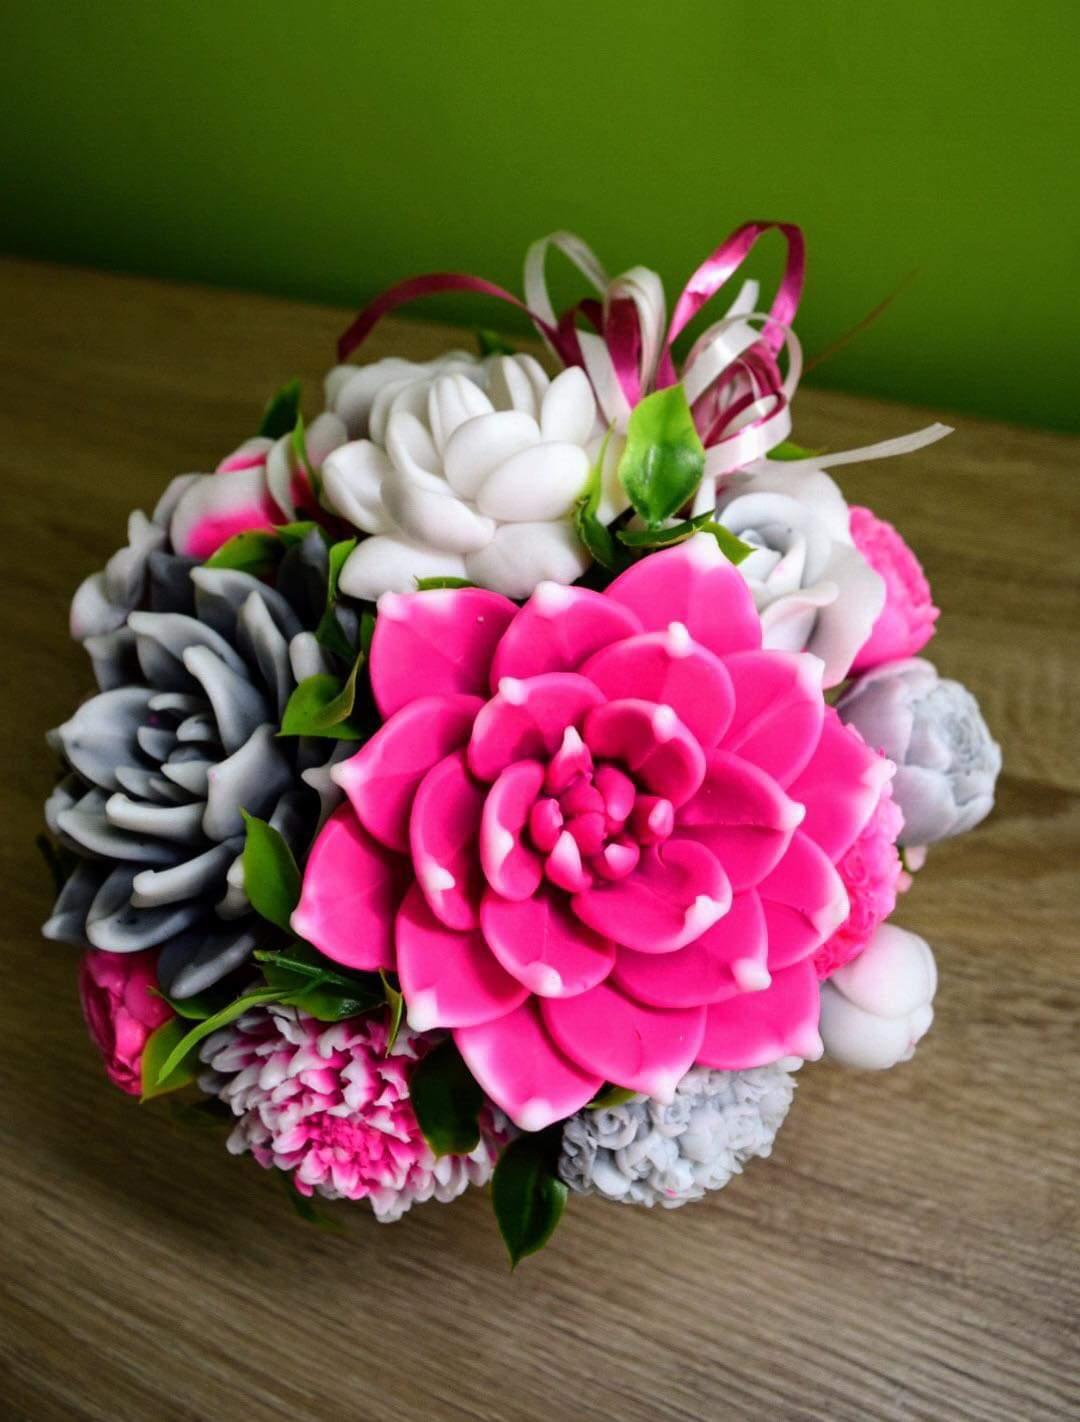 Mydlove kytice dekoracne rôzne  - Obrázok č. 2